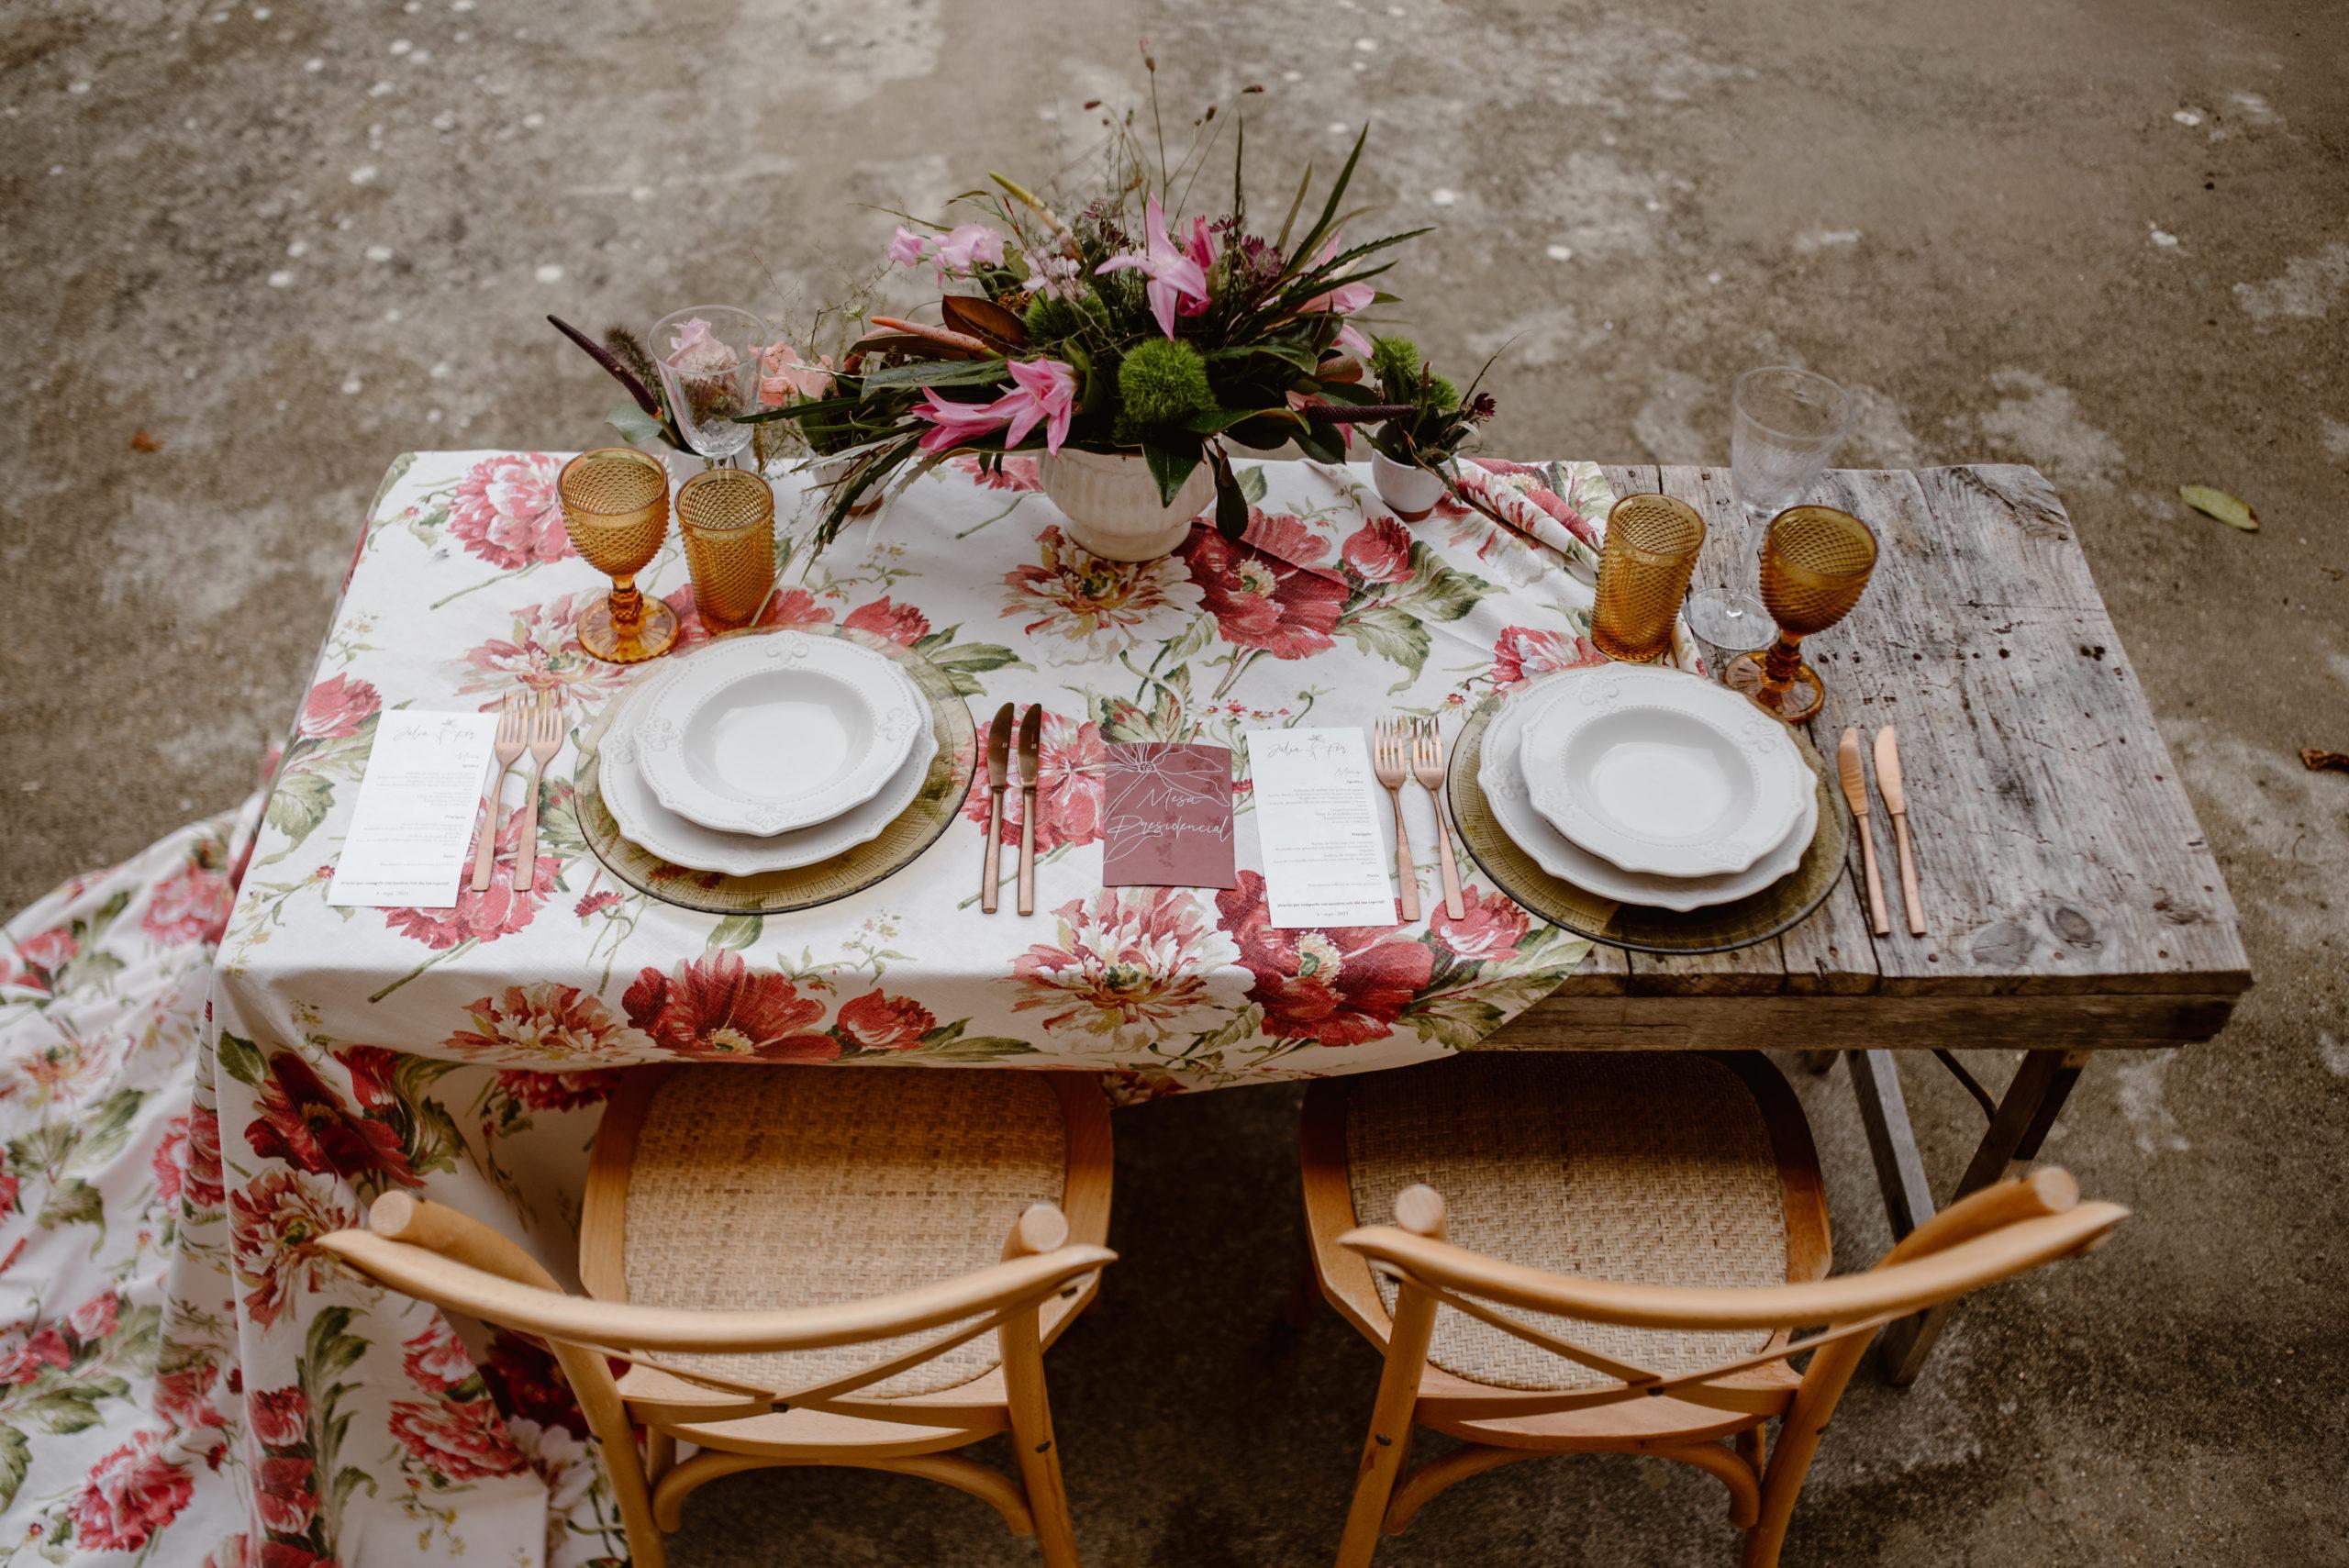 Mobiliario y menaje en alquiler para bodas nupciales